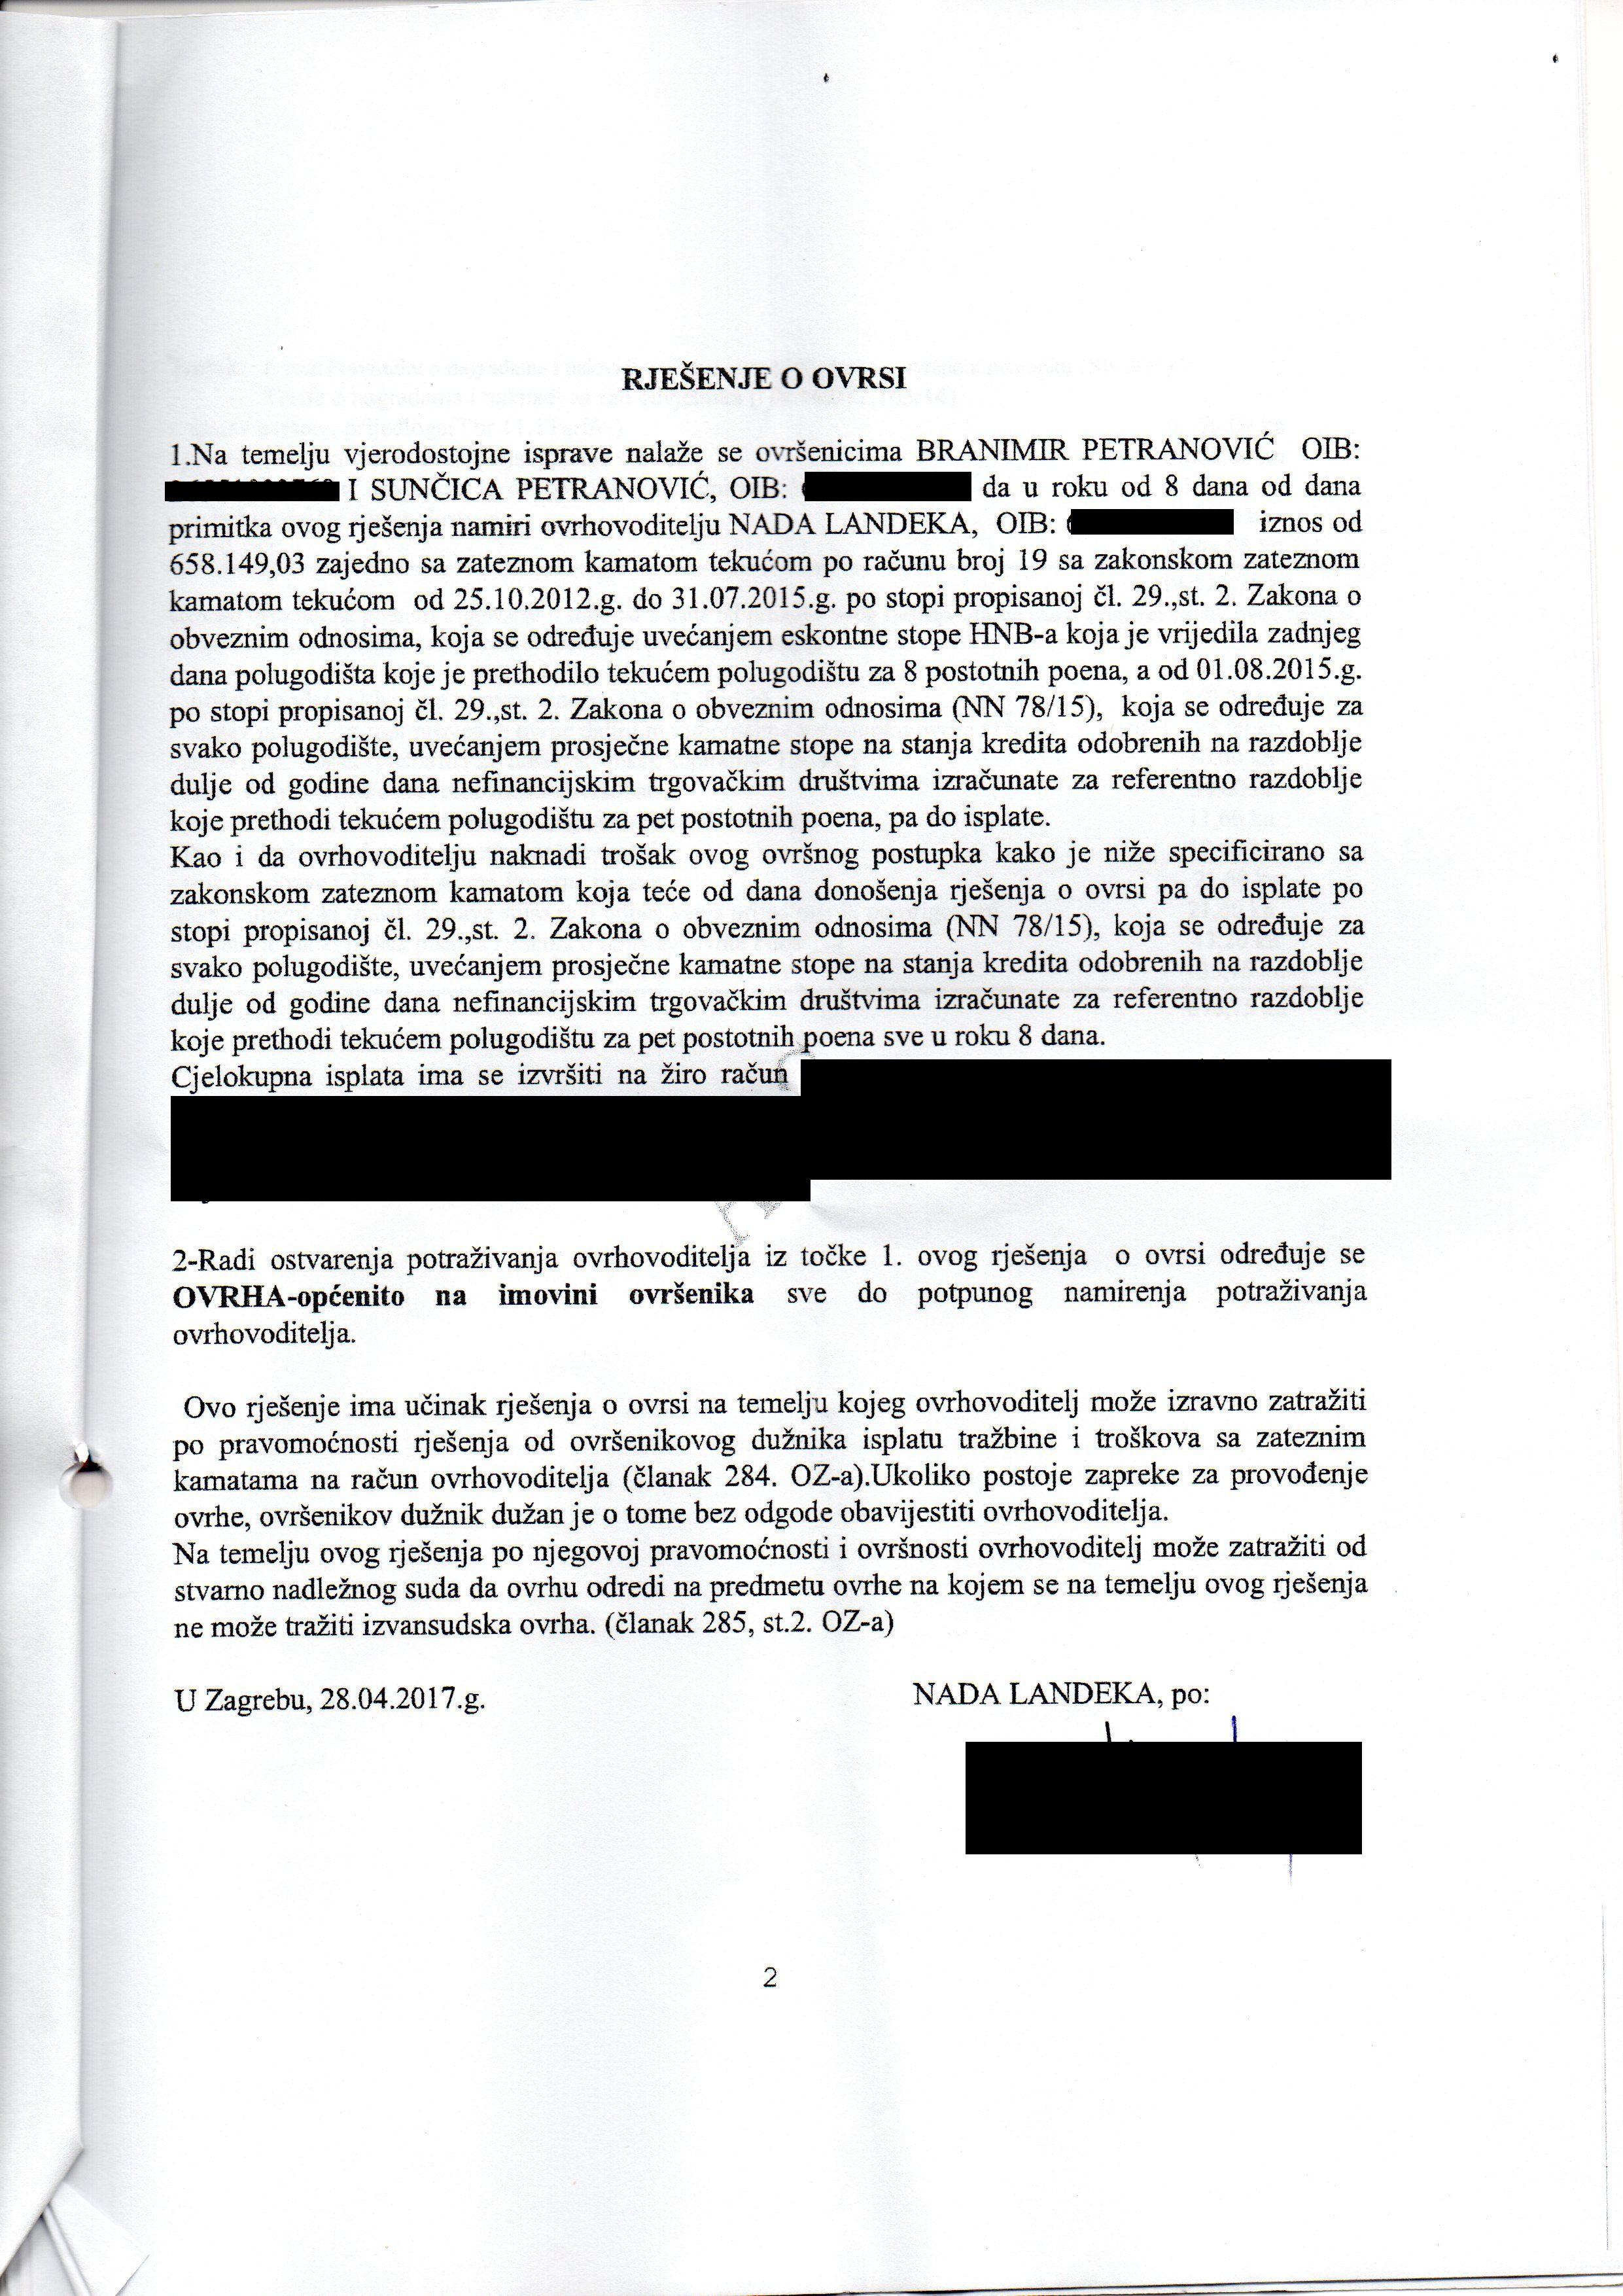 PETRANOVIĆ BRANIMIR I SUNČICA - RJEŠENJE O OVRSI STRANA DRUGA - 1